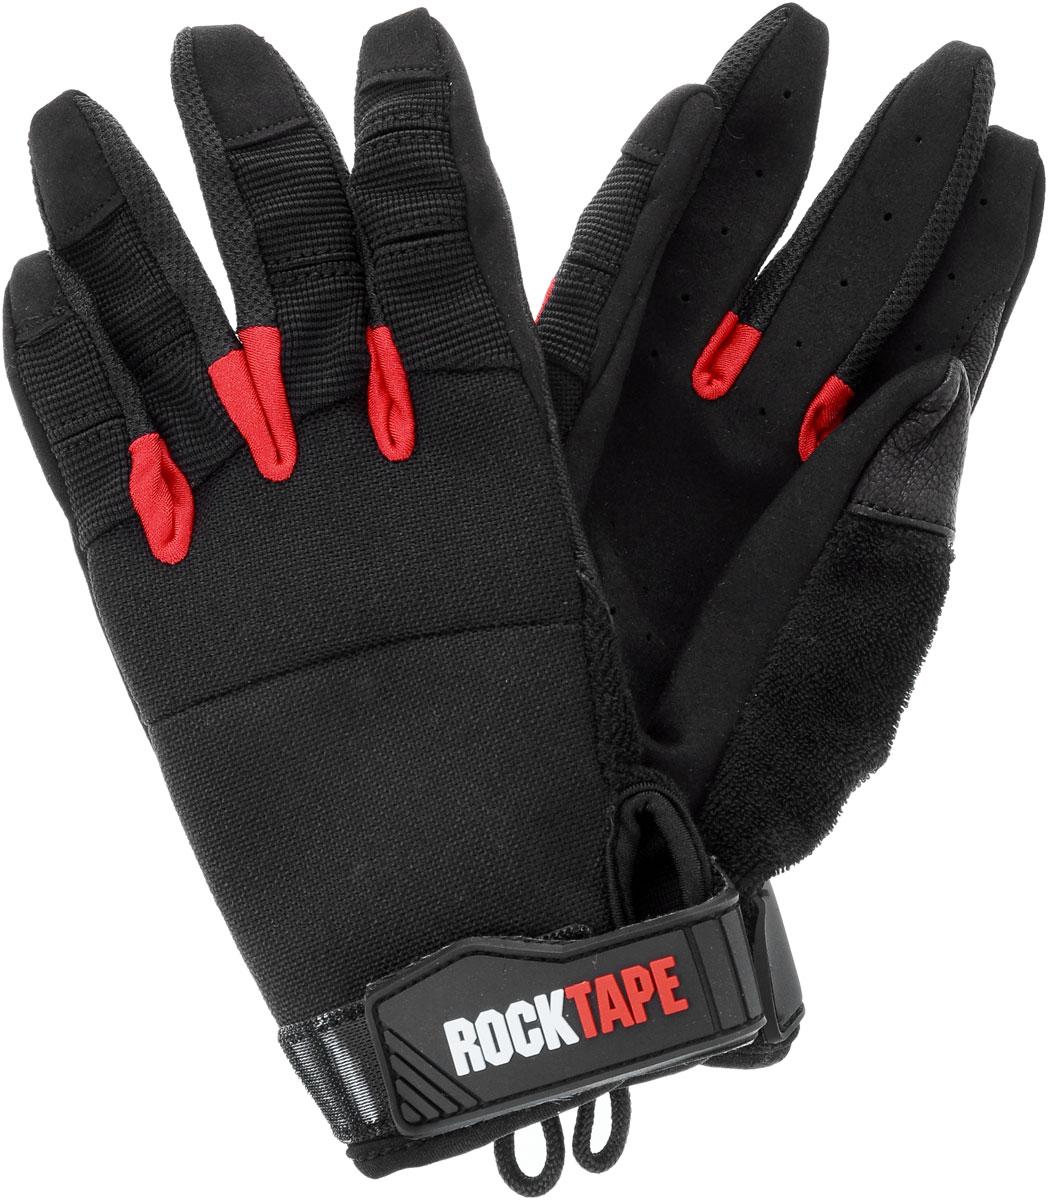 Перчатки Rocktape Talons, цвет: черный, красный. Размер LRTTls-LRocktape Talons - это функциональные перчатки для спорта. Руль велосипеда, турник, штанга - за что бы вы ни взялись, перчатки обеспечат максимальную защиту и поддержку! Уверенный хват и больше никаких стертых рук, волдырей и мозолей!Особенности перчаток:Дружелюбны к сенсорным экранам.Без швов на ладонях.Силиконовая накладка false-grip поможет в выходах силой.Защита большого пальца при захвате штанги.Впитывают пот.Дышащий материал по боковым поверхностям пальцев.Удобные петли.Рассчитаны на работу с мелом.Обхват ладони ниже костяшки: 23 см.